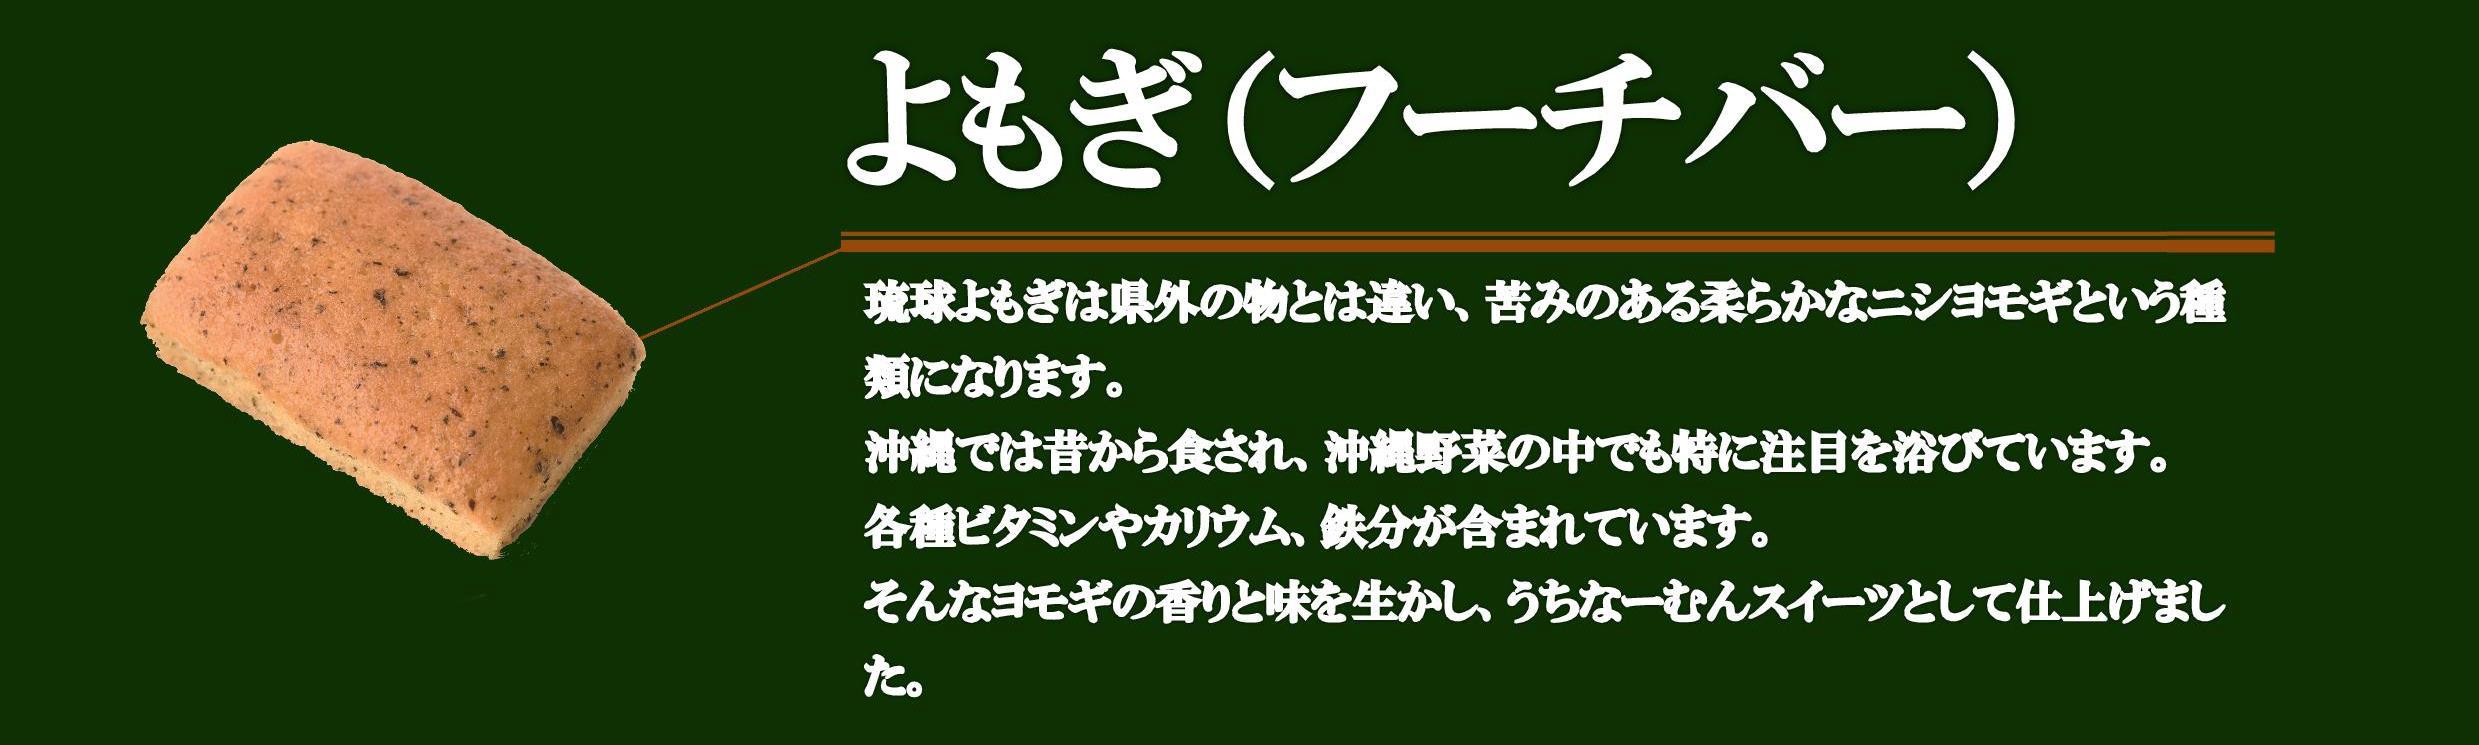 各種うちなーむんケーキ素材紹介11